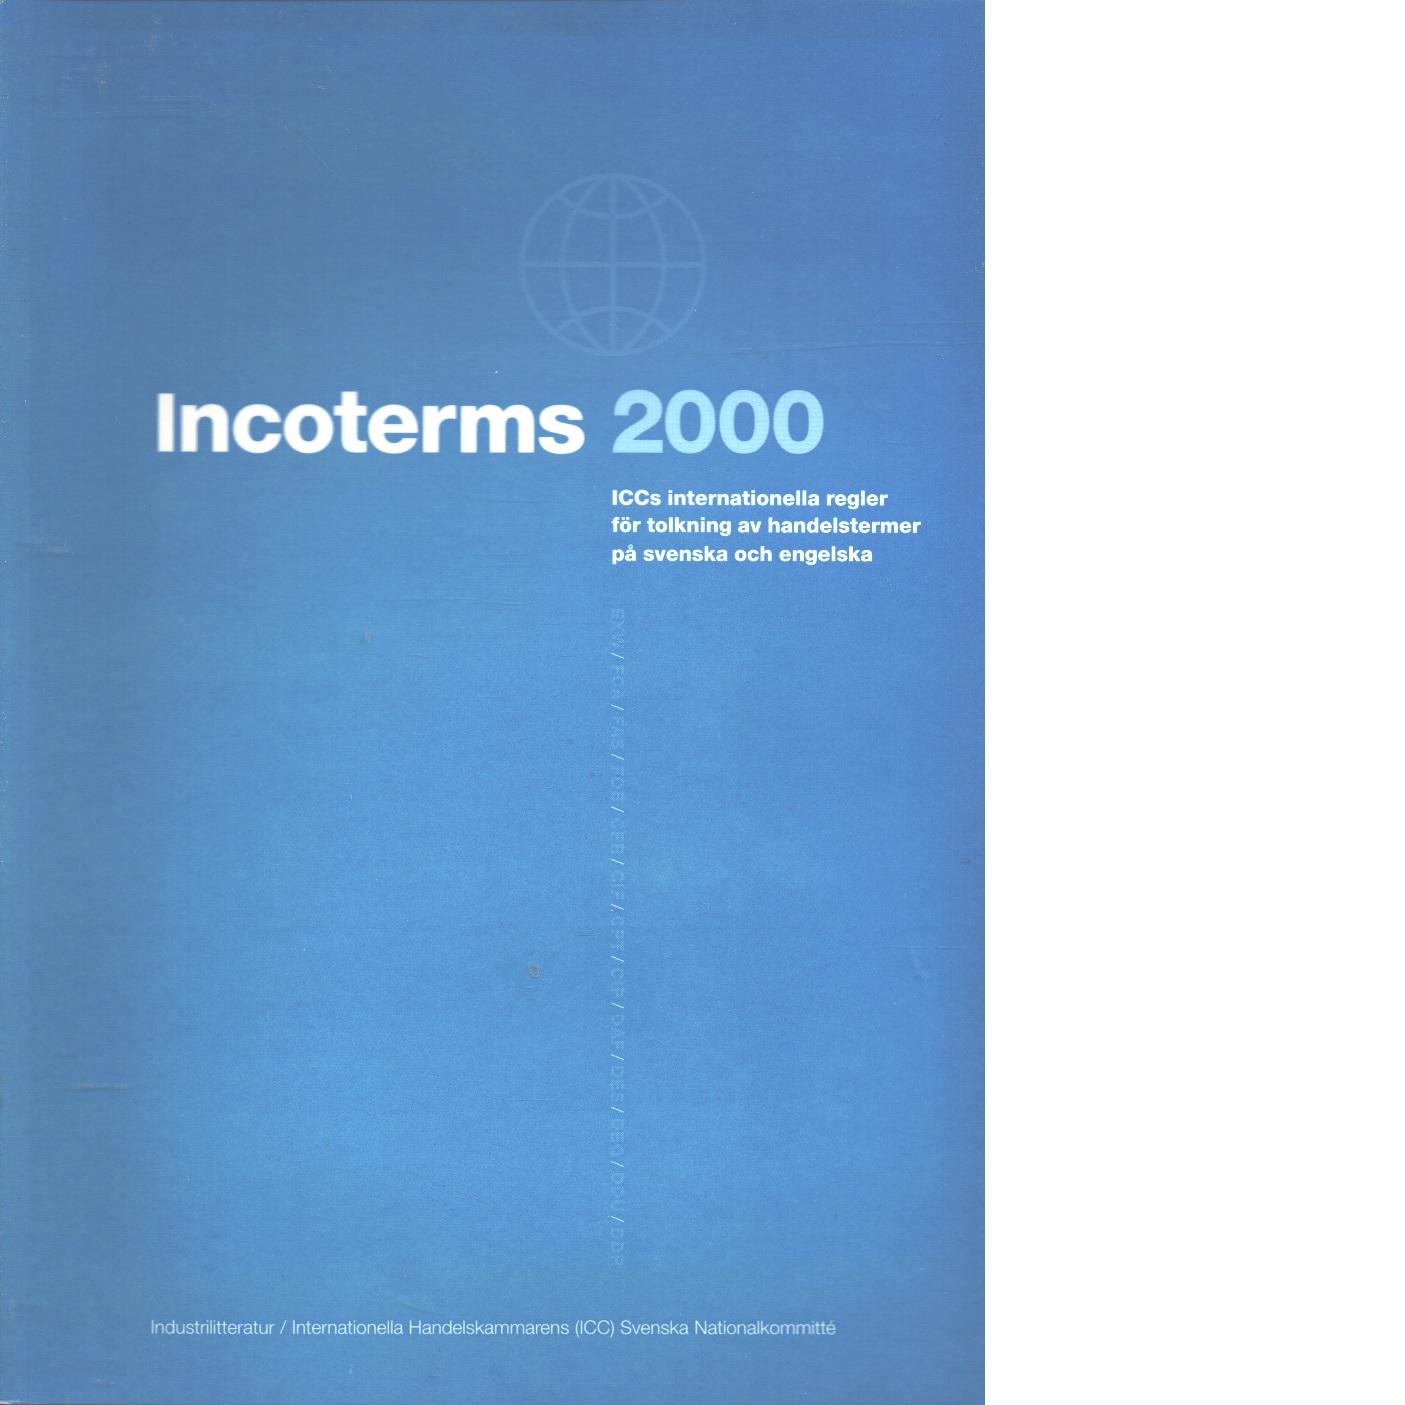 Incoterms 2000 : ICCs internationella regler för tolkning av handelstermer på svenska och engelska - Internationella handelskammaren